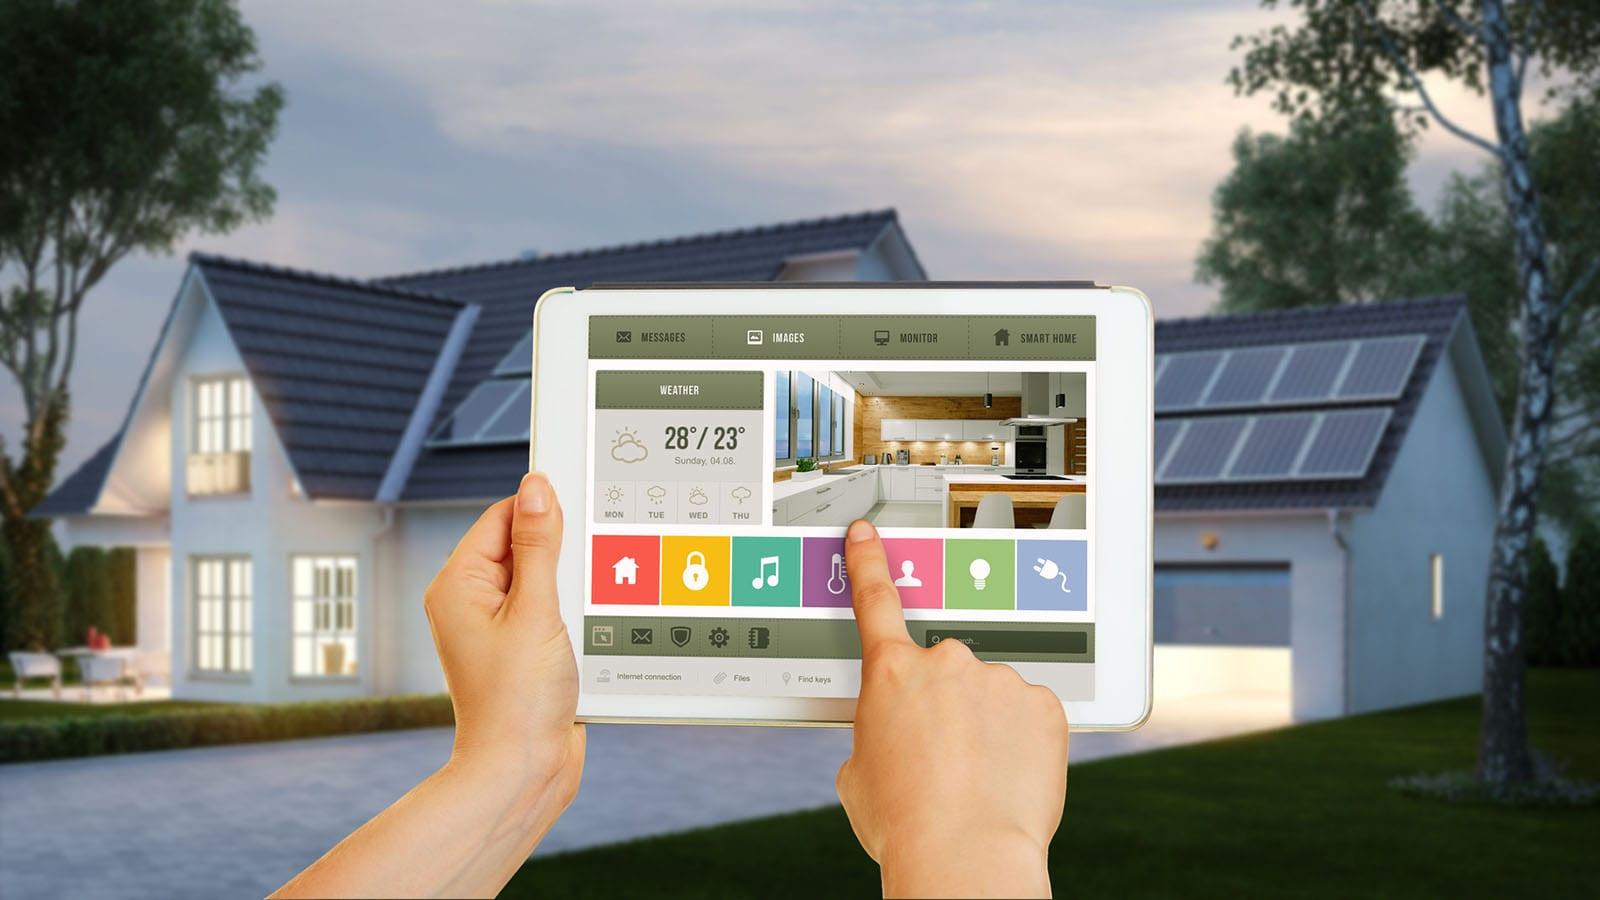 Instalacja elektryczna na potrzeby inteligentnego domu – ważne informacje